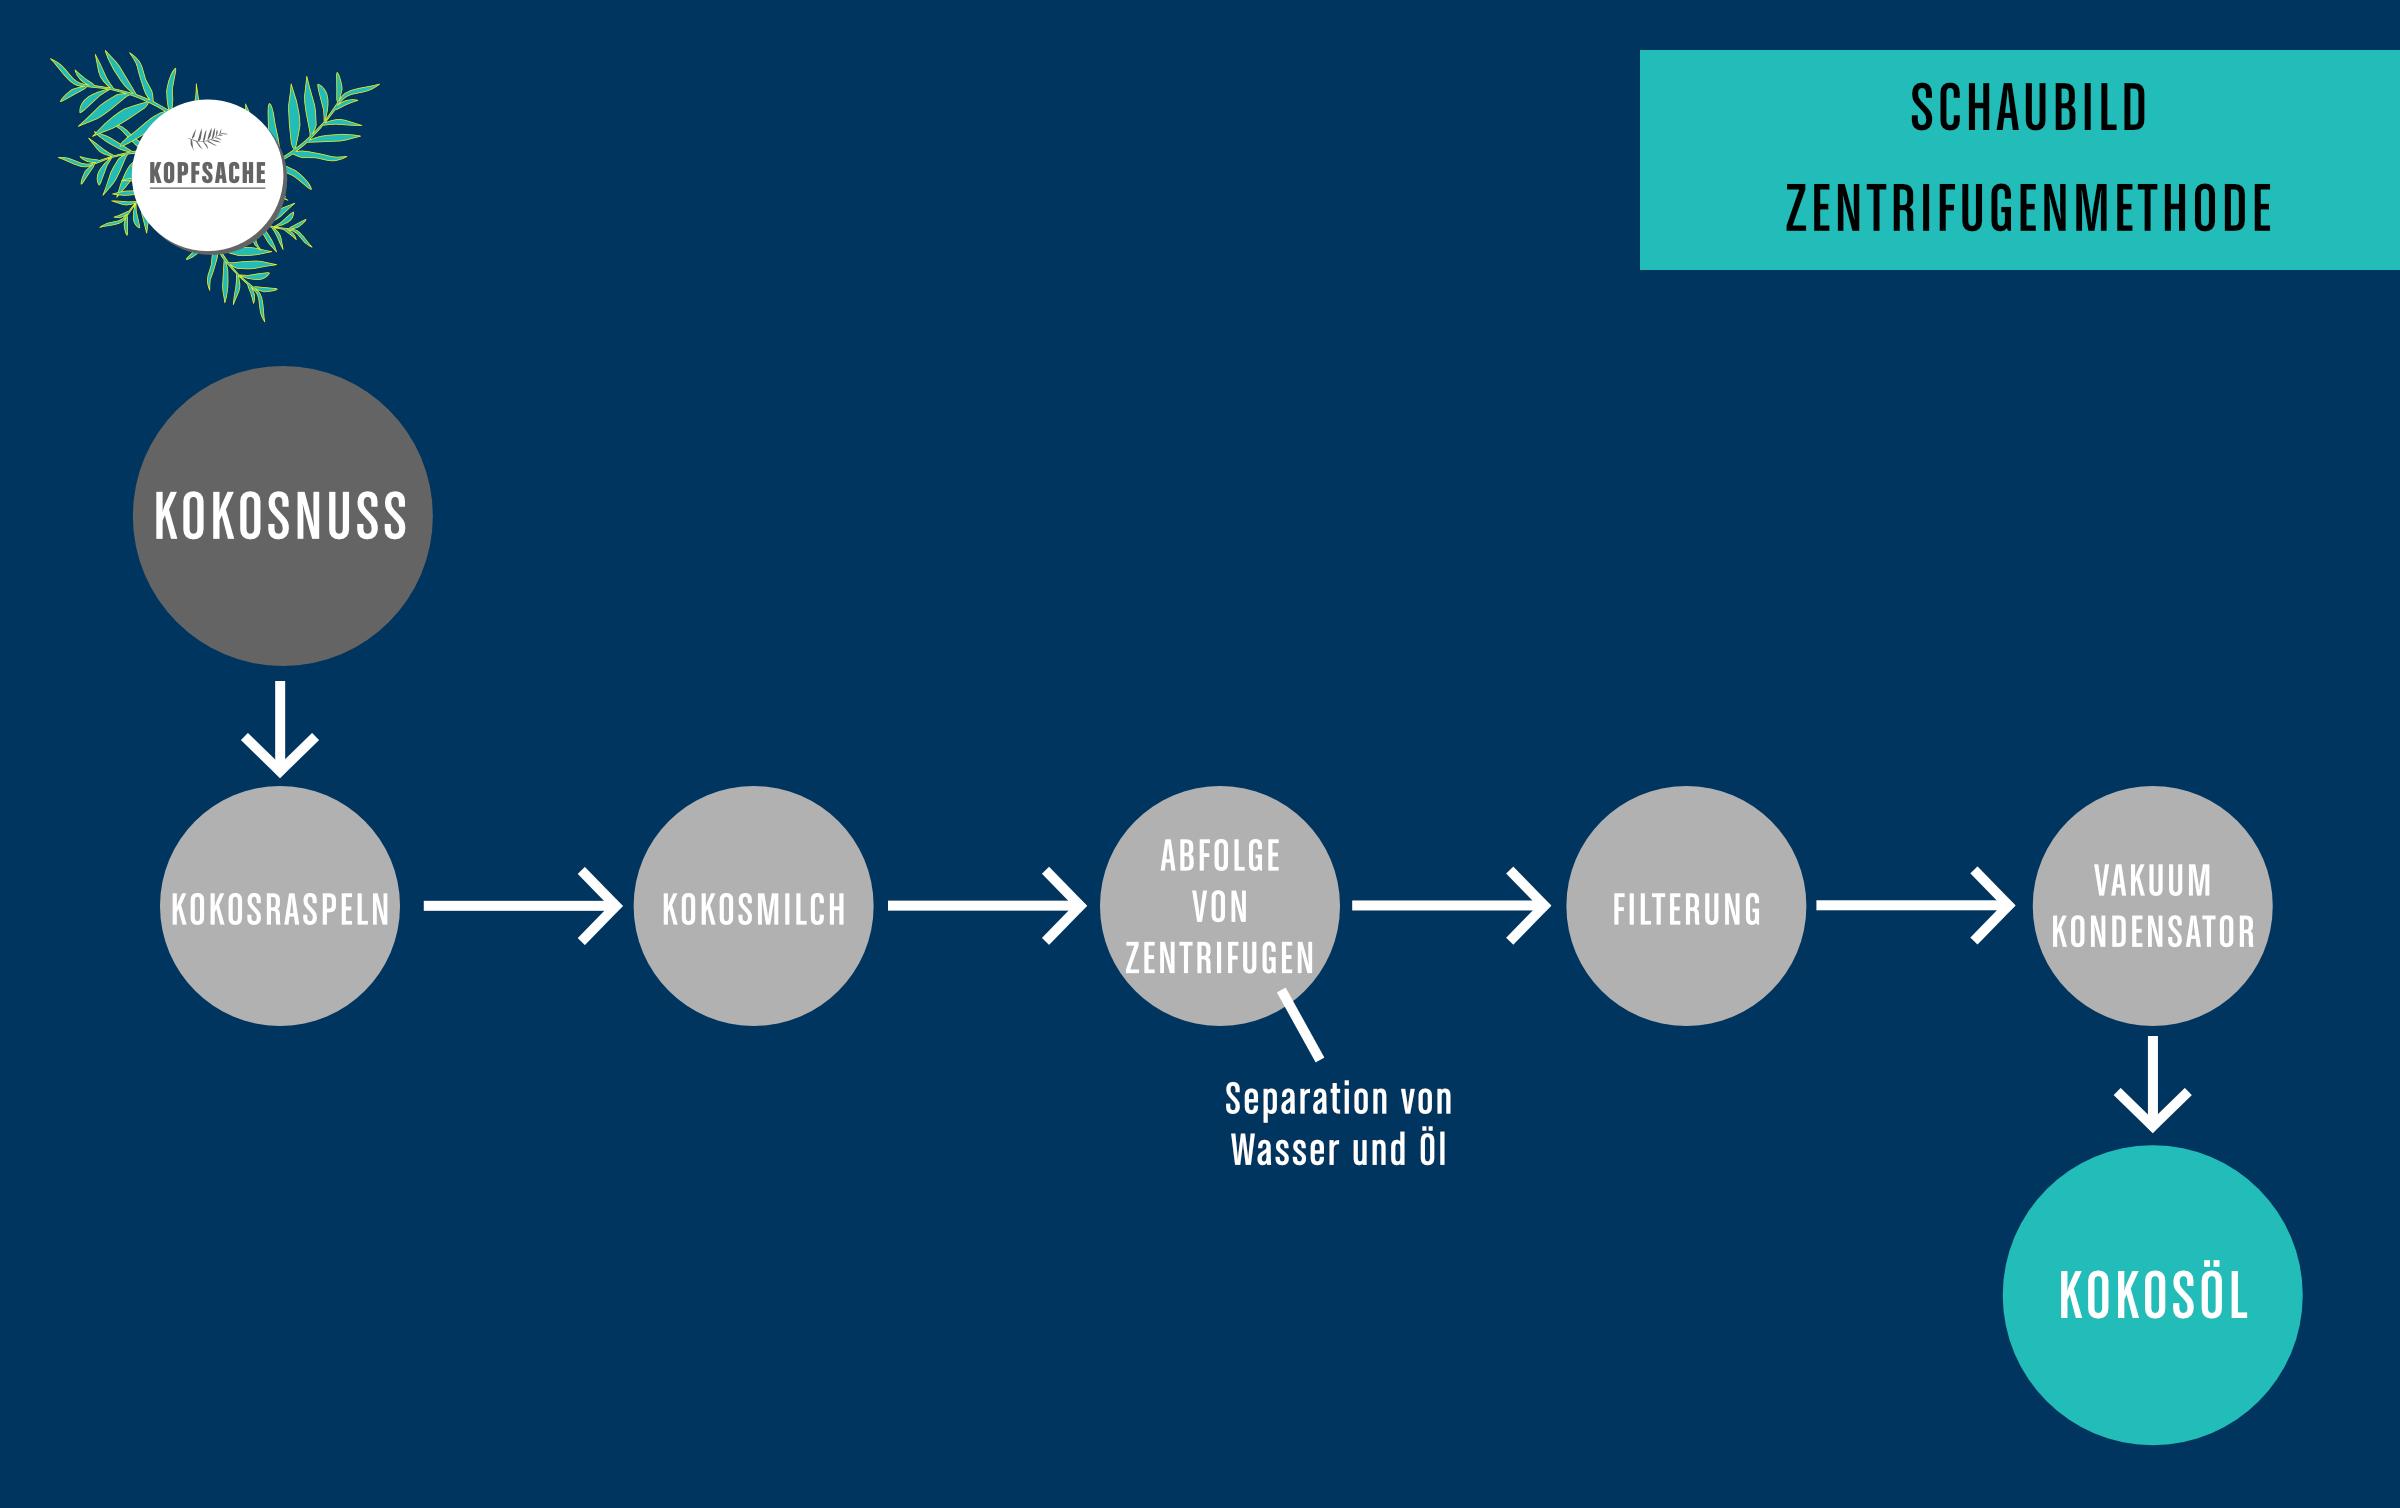 Schaubild Ablauf Kokosoelherstellung bei der Zentrifugenmethode